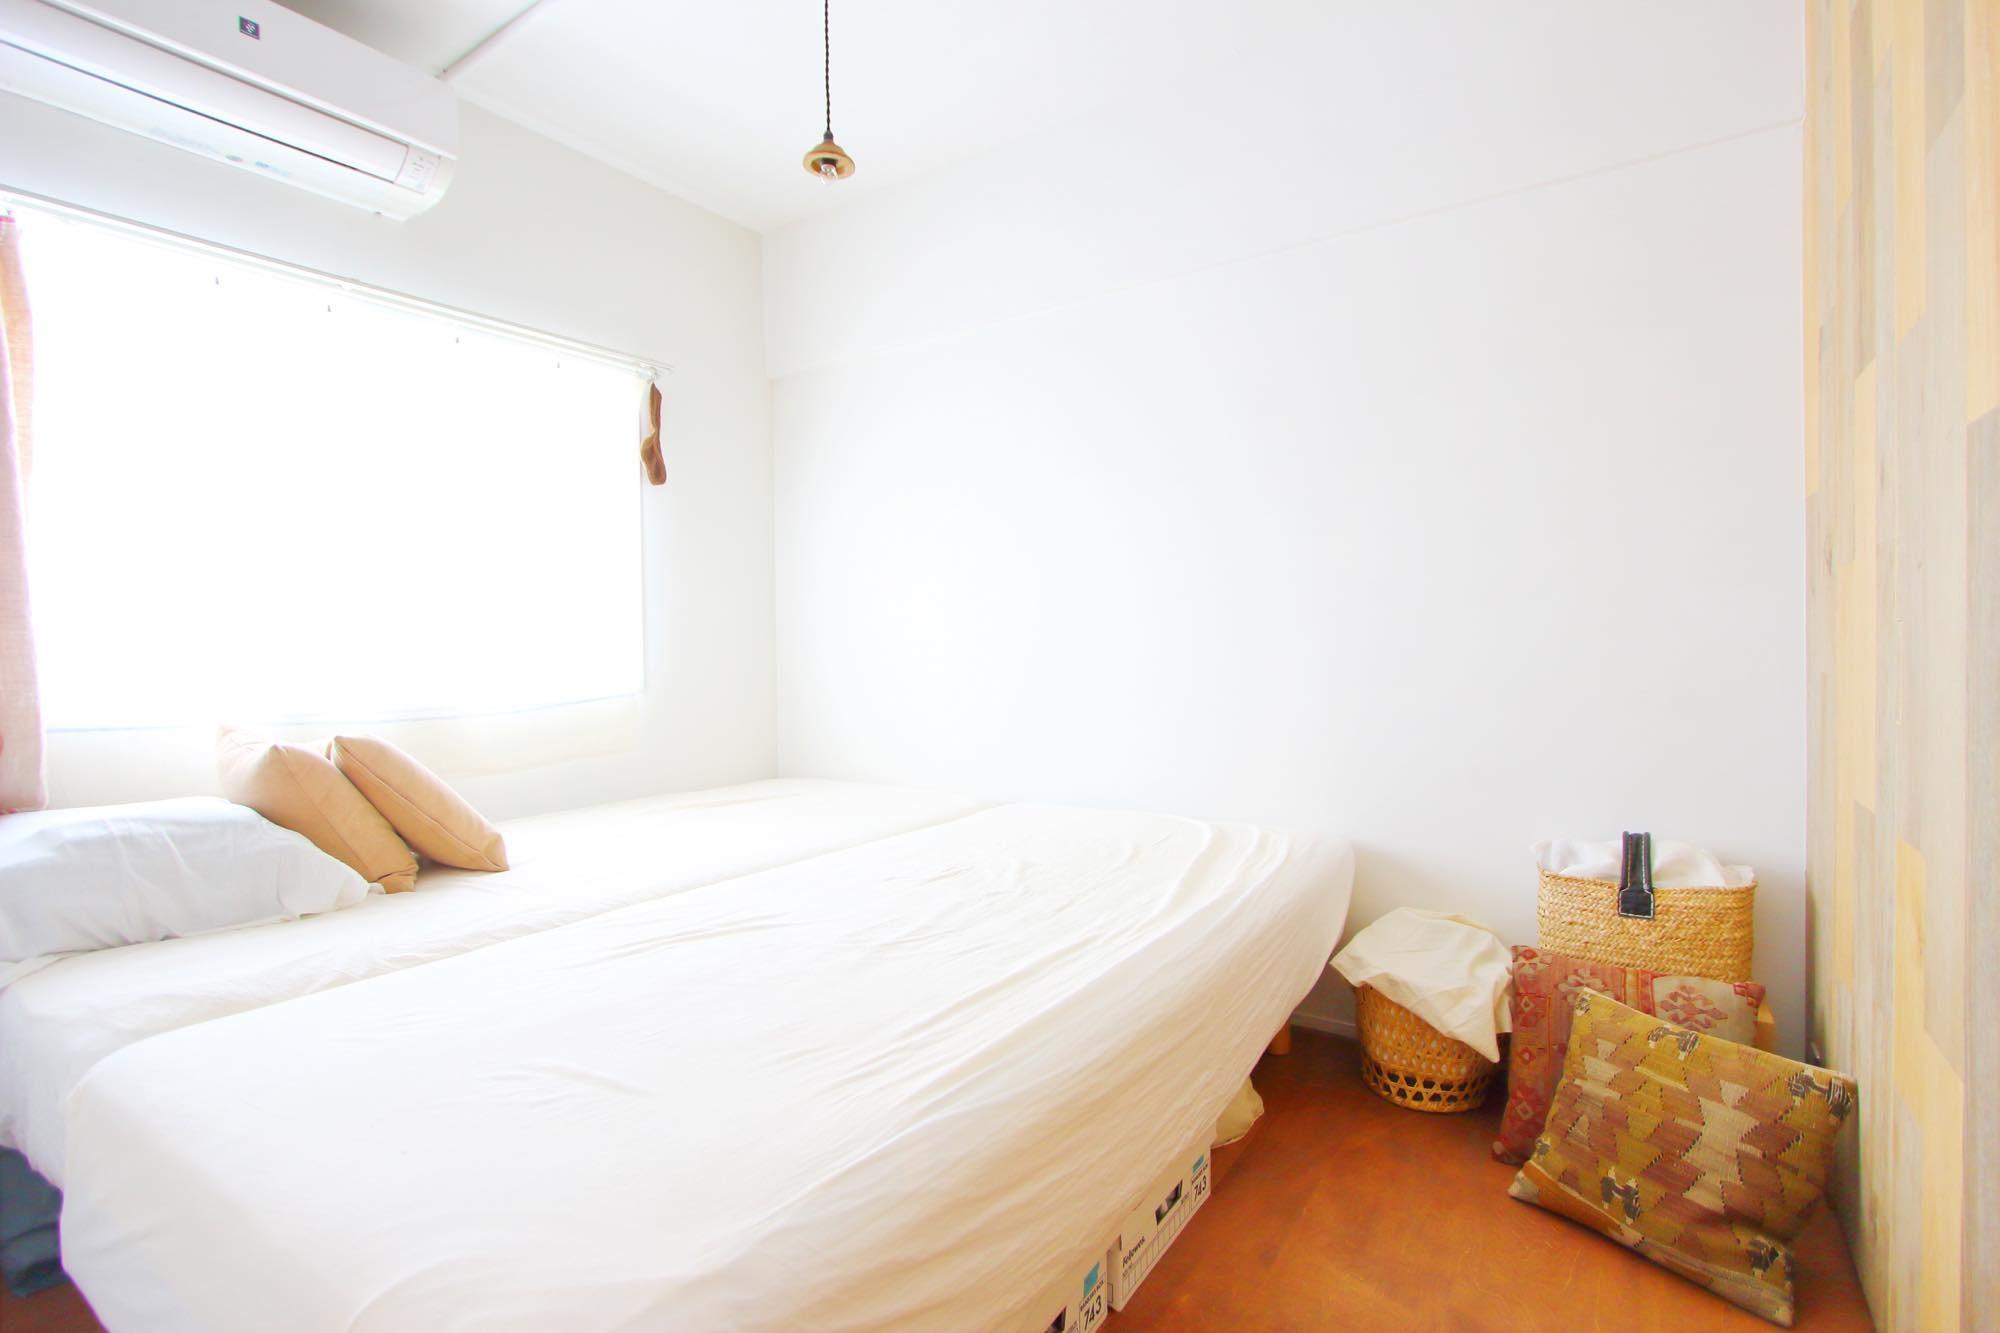 ベッドルーム事例:寝室(模様替えを楽しめる、土間のある家)